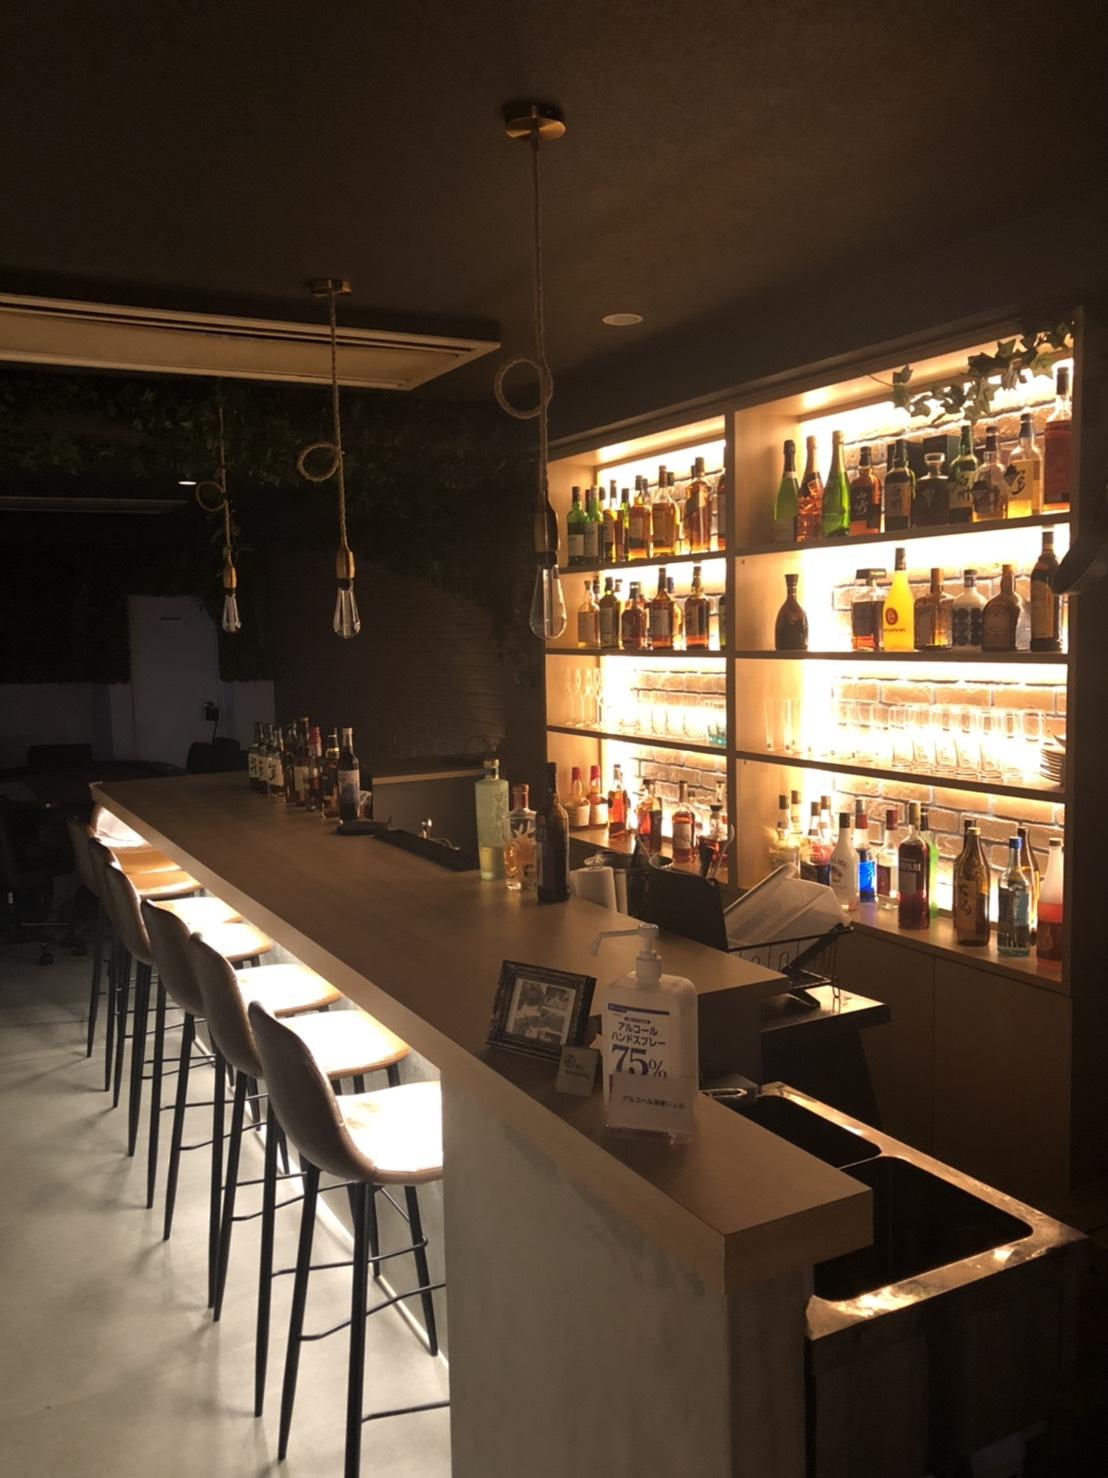 ポーカーと本格カクテルを味わえる「Bar SENSE」が梅田にオープン